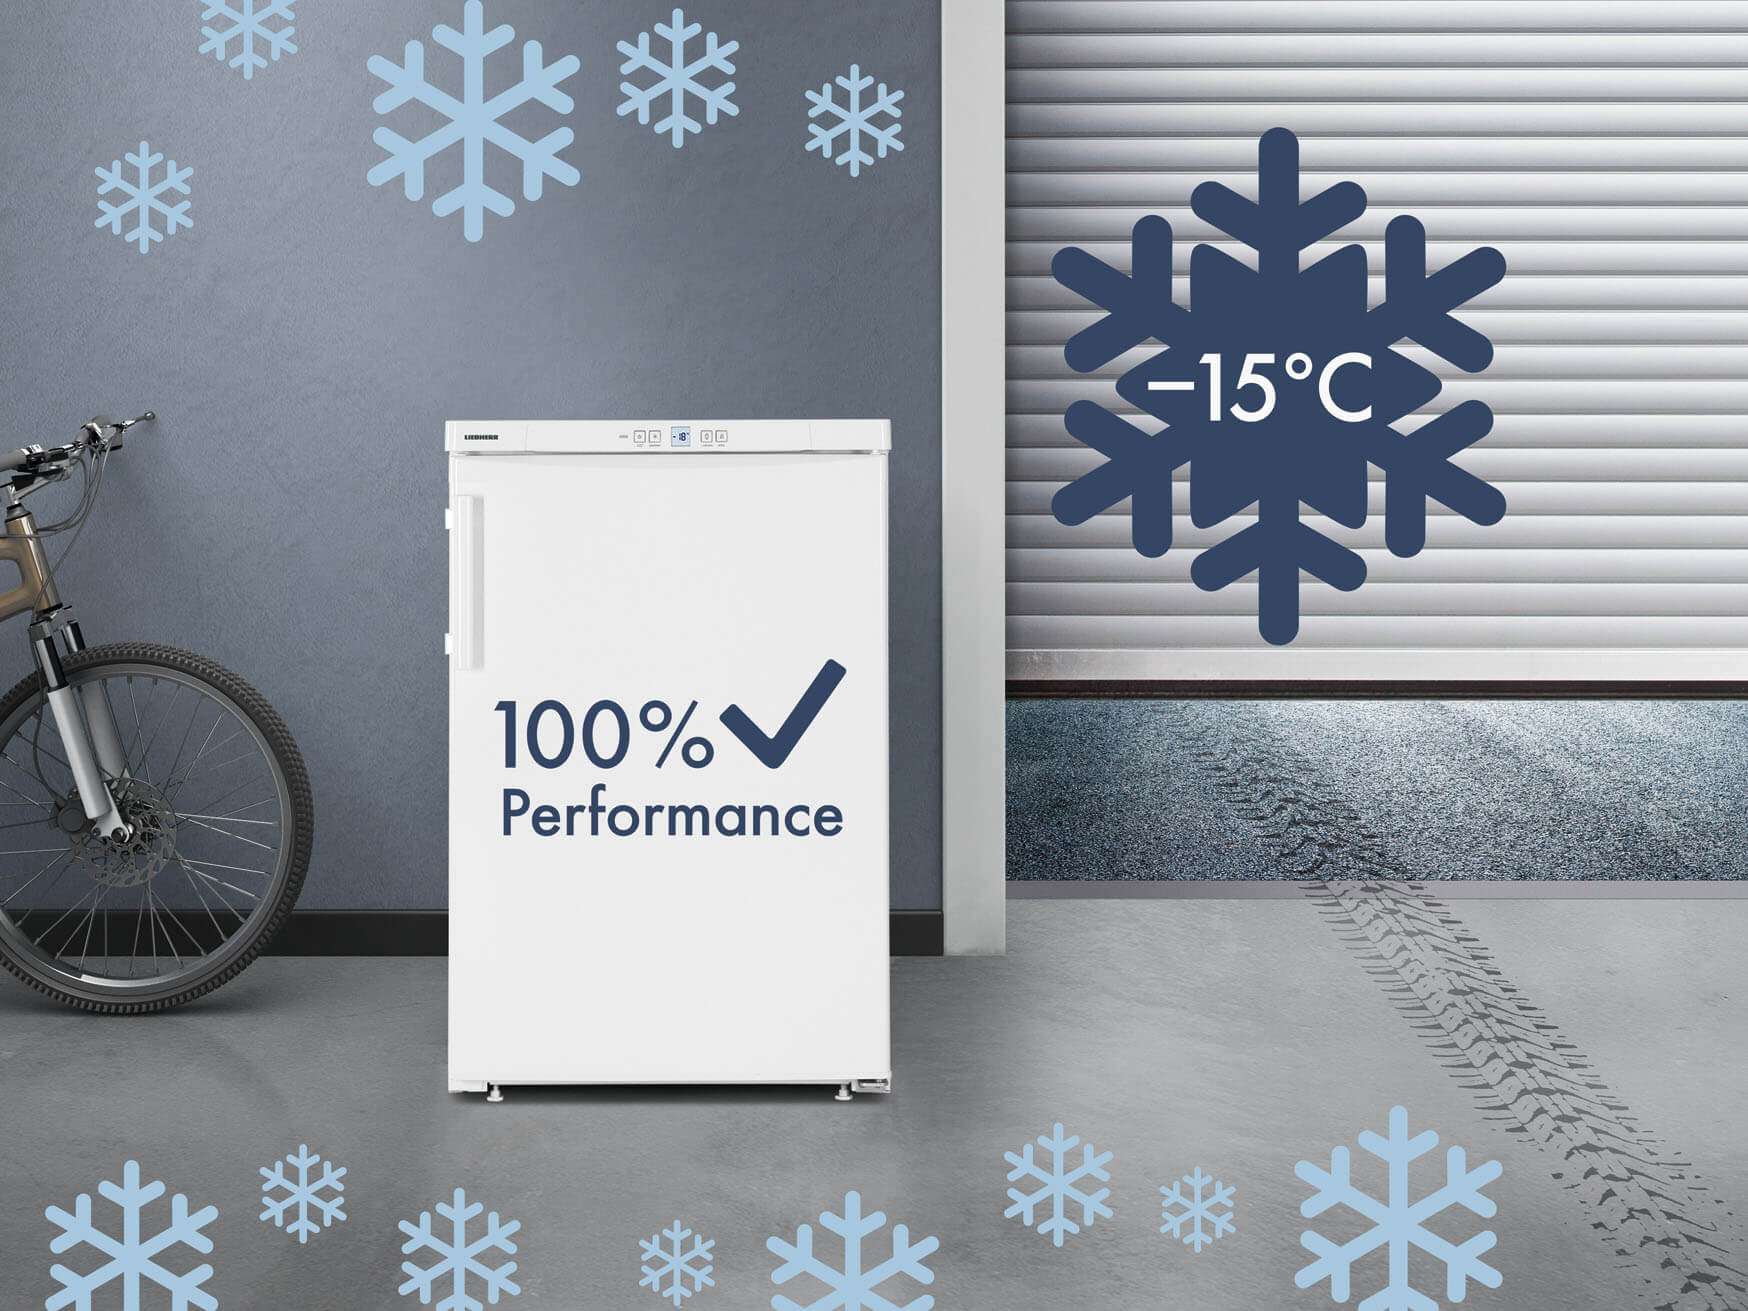 Aeg Kühlschrank Santo Zu Kalt : Kühlschrank in einem unbeheizten kalten raum betreiben? freshmag